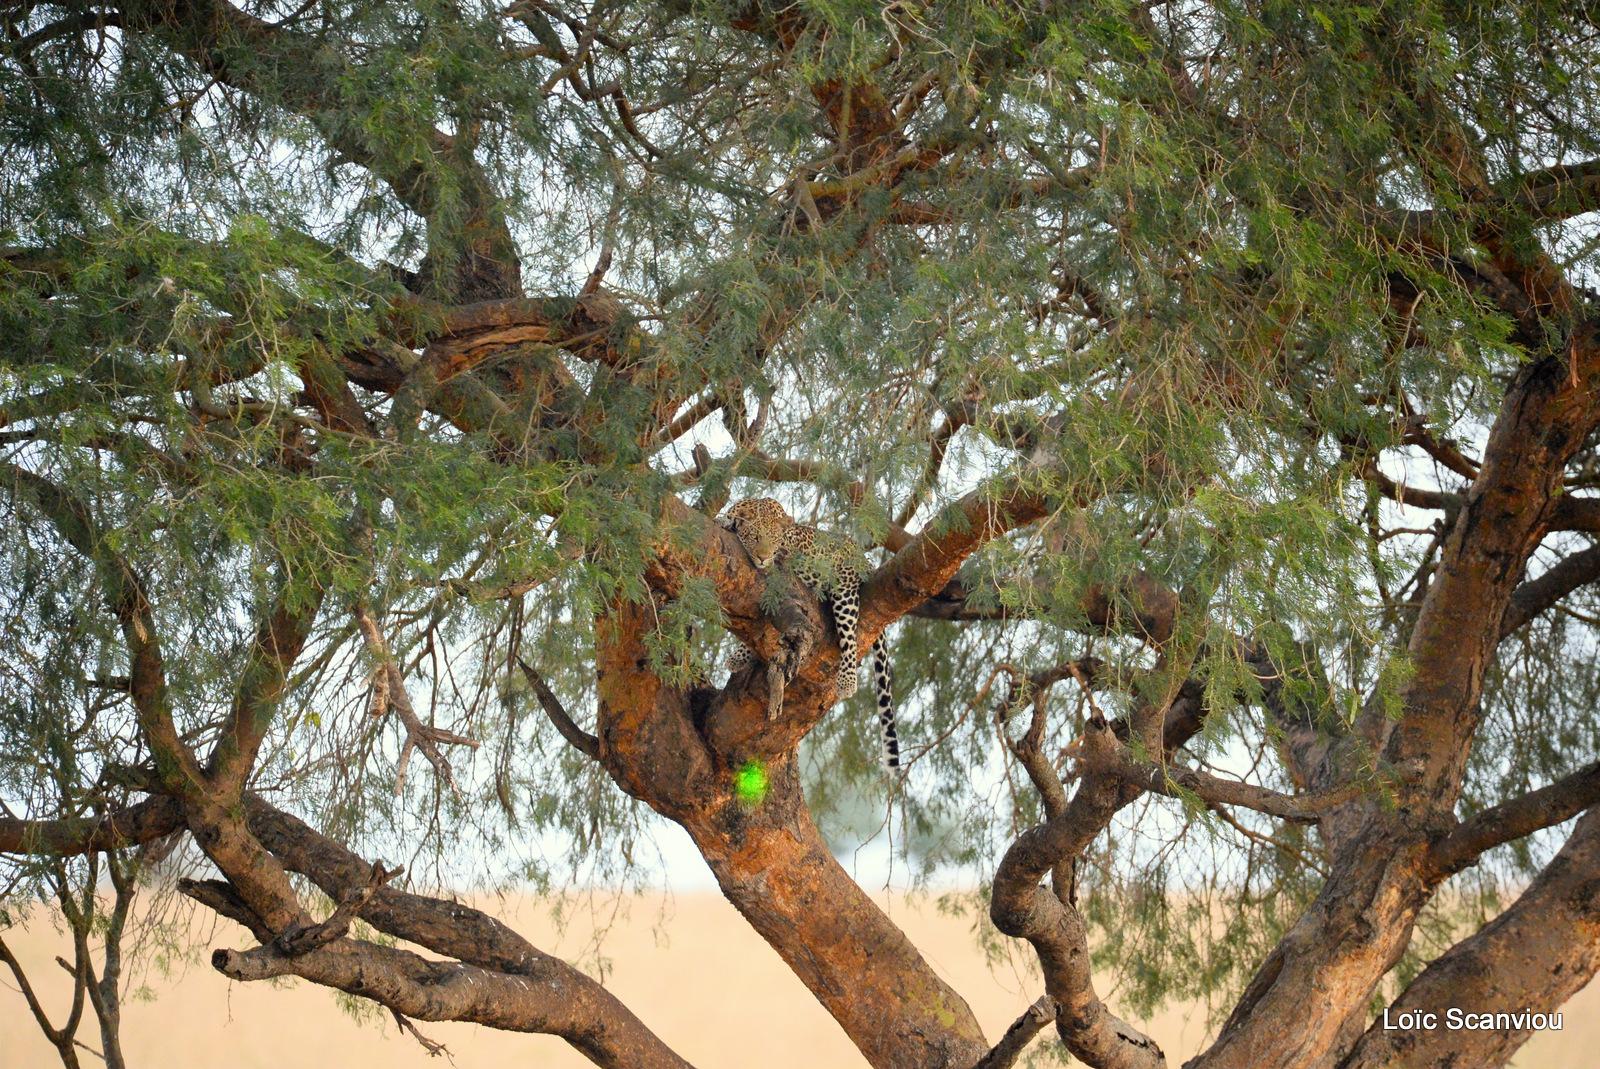 Léopard dans un arbre/Leopard on a tree (1)